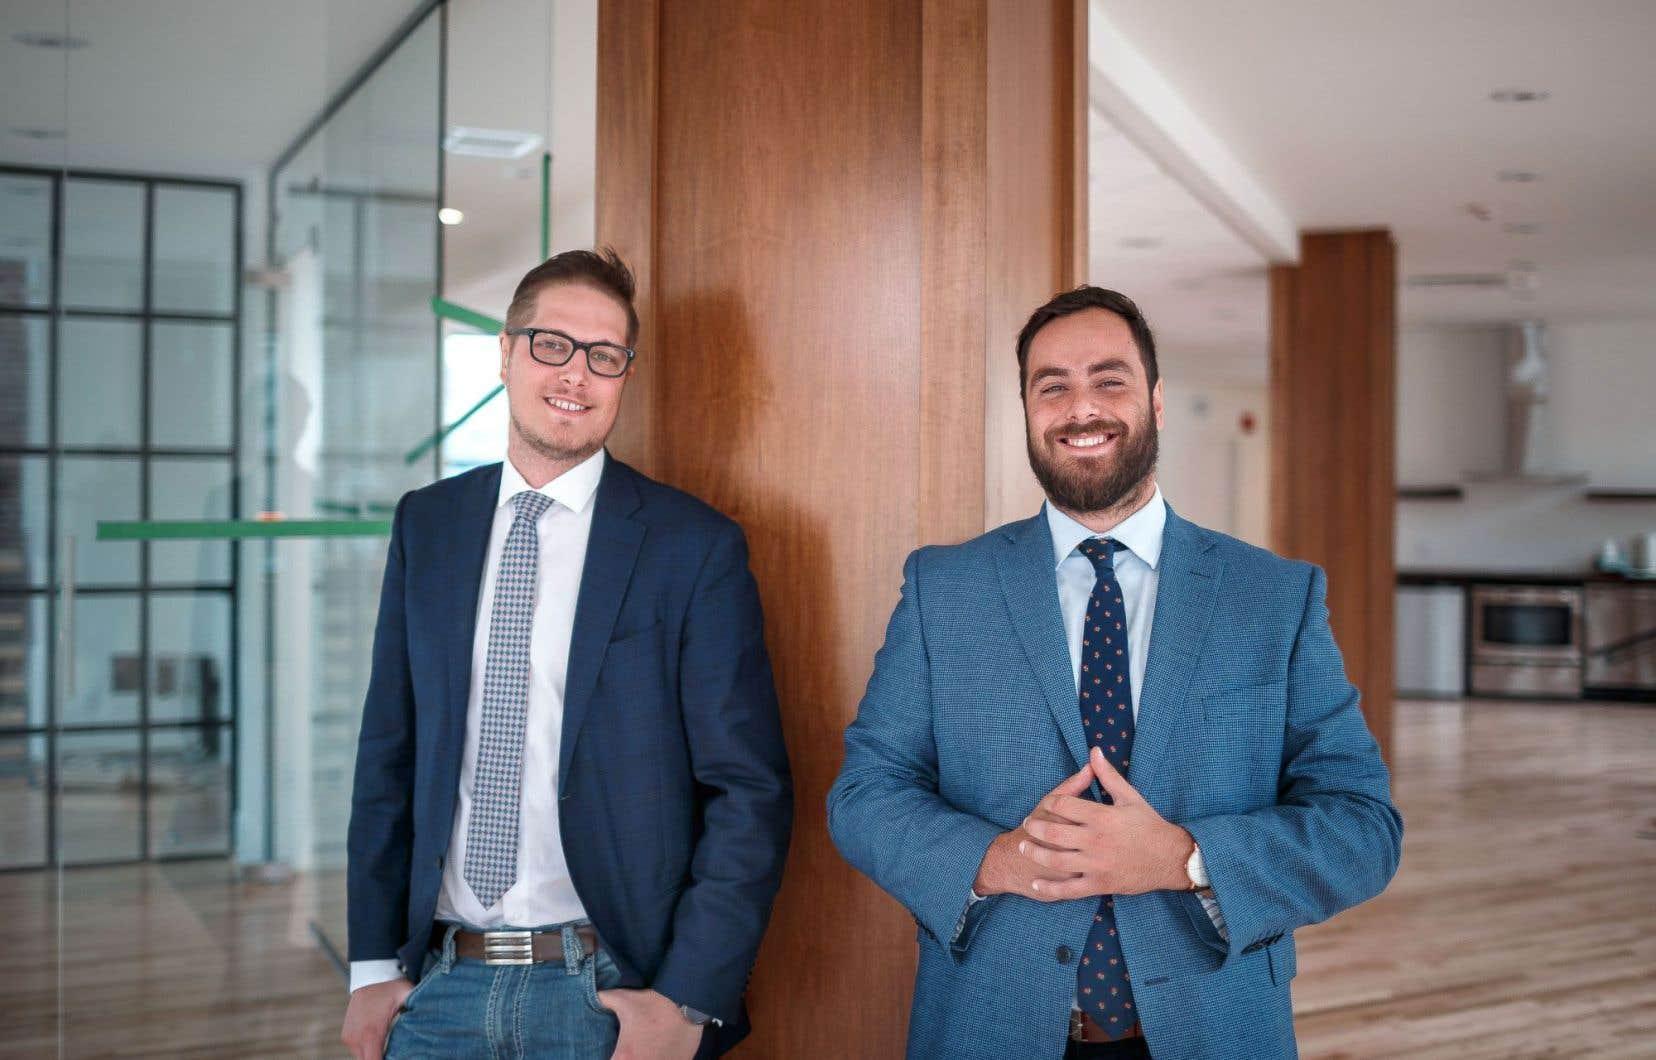 Avant de devenir partenaires d'affaires, Yan Raymond-Lalande et Rémi Richard ont été amis et colocs.